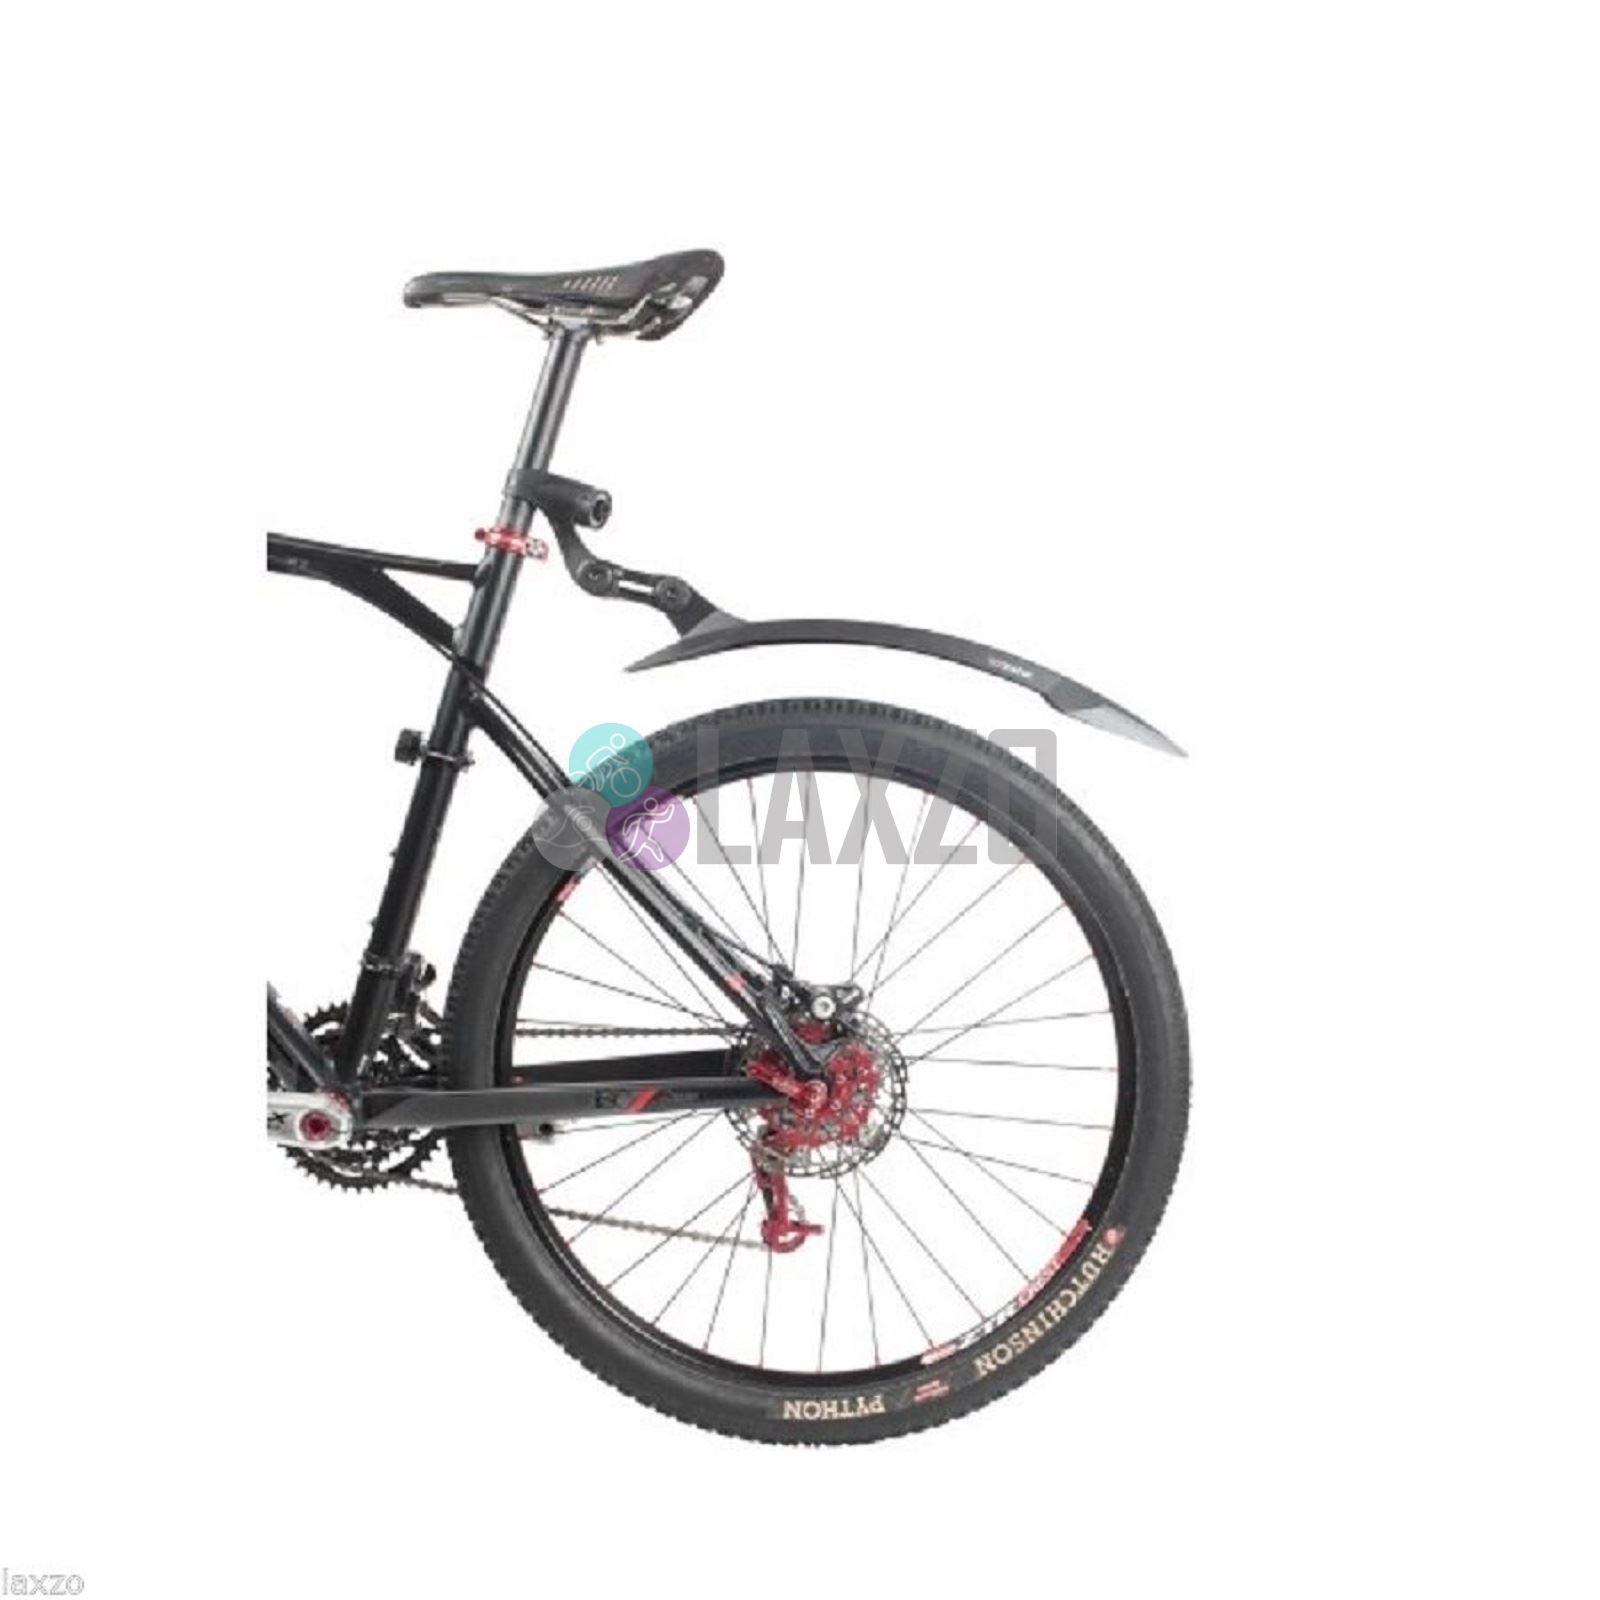 Zefal Deflector RM60 mountain bike rear fender